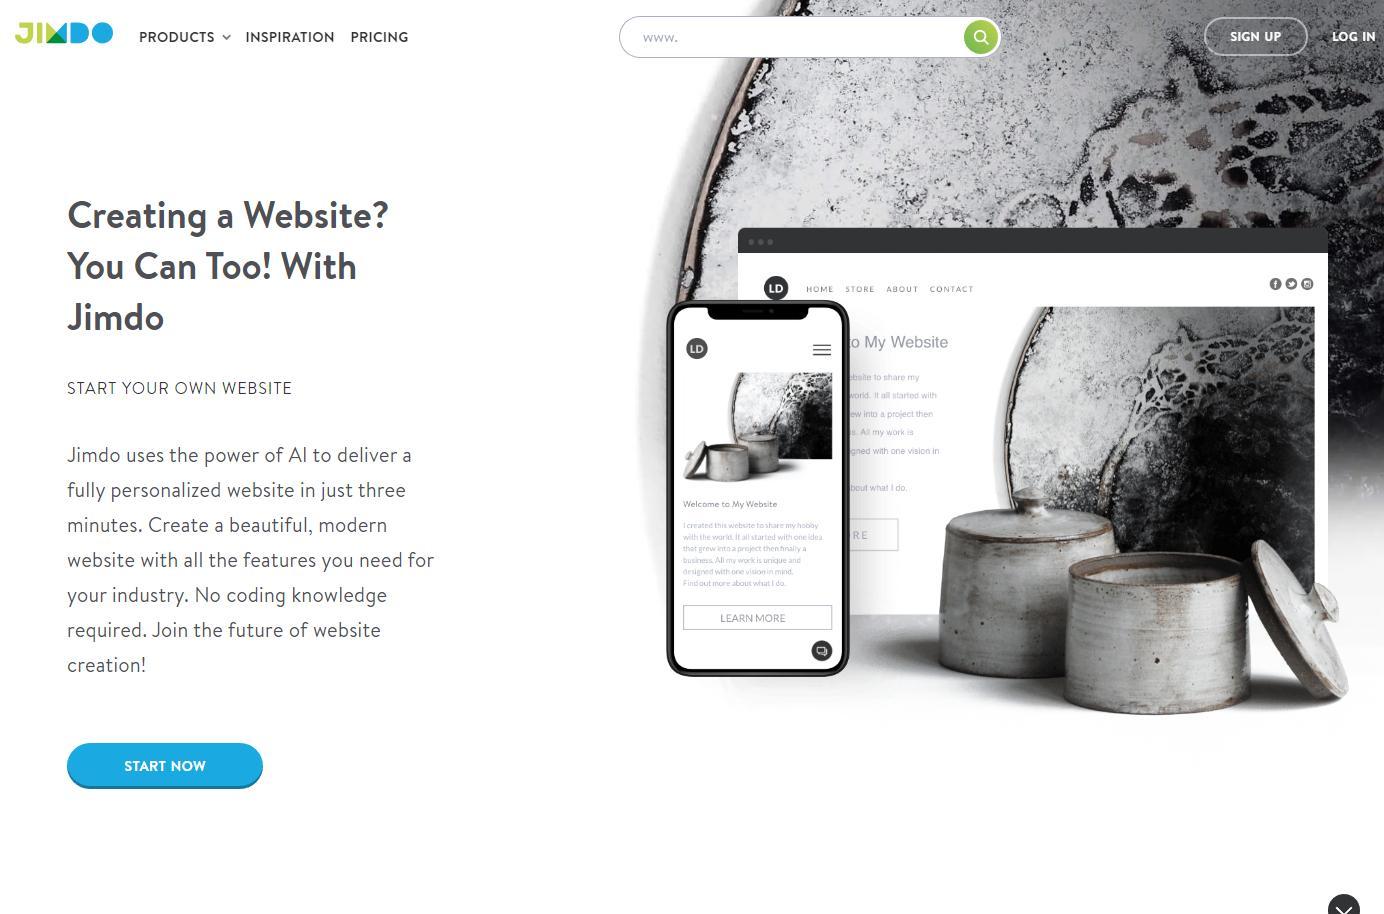 Jimdo - Универсальный конструктор для создания блогов, портфолио, корпоративного сайта и даже лендингов